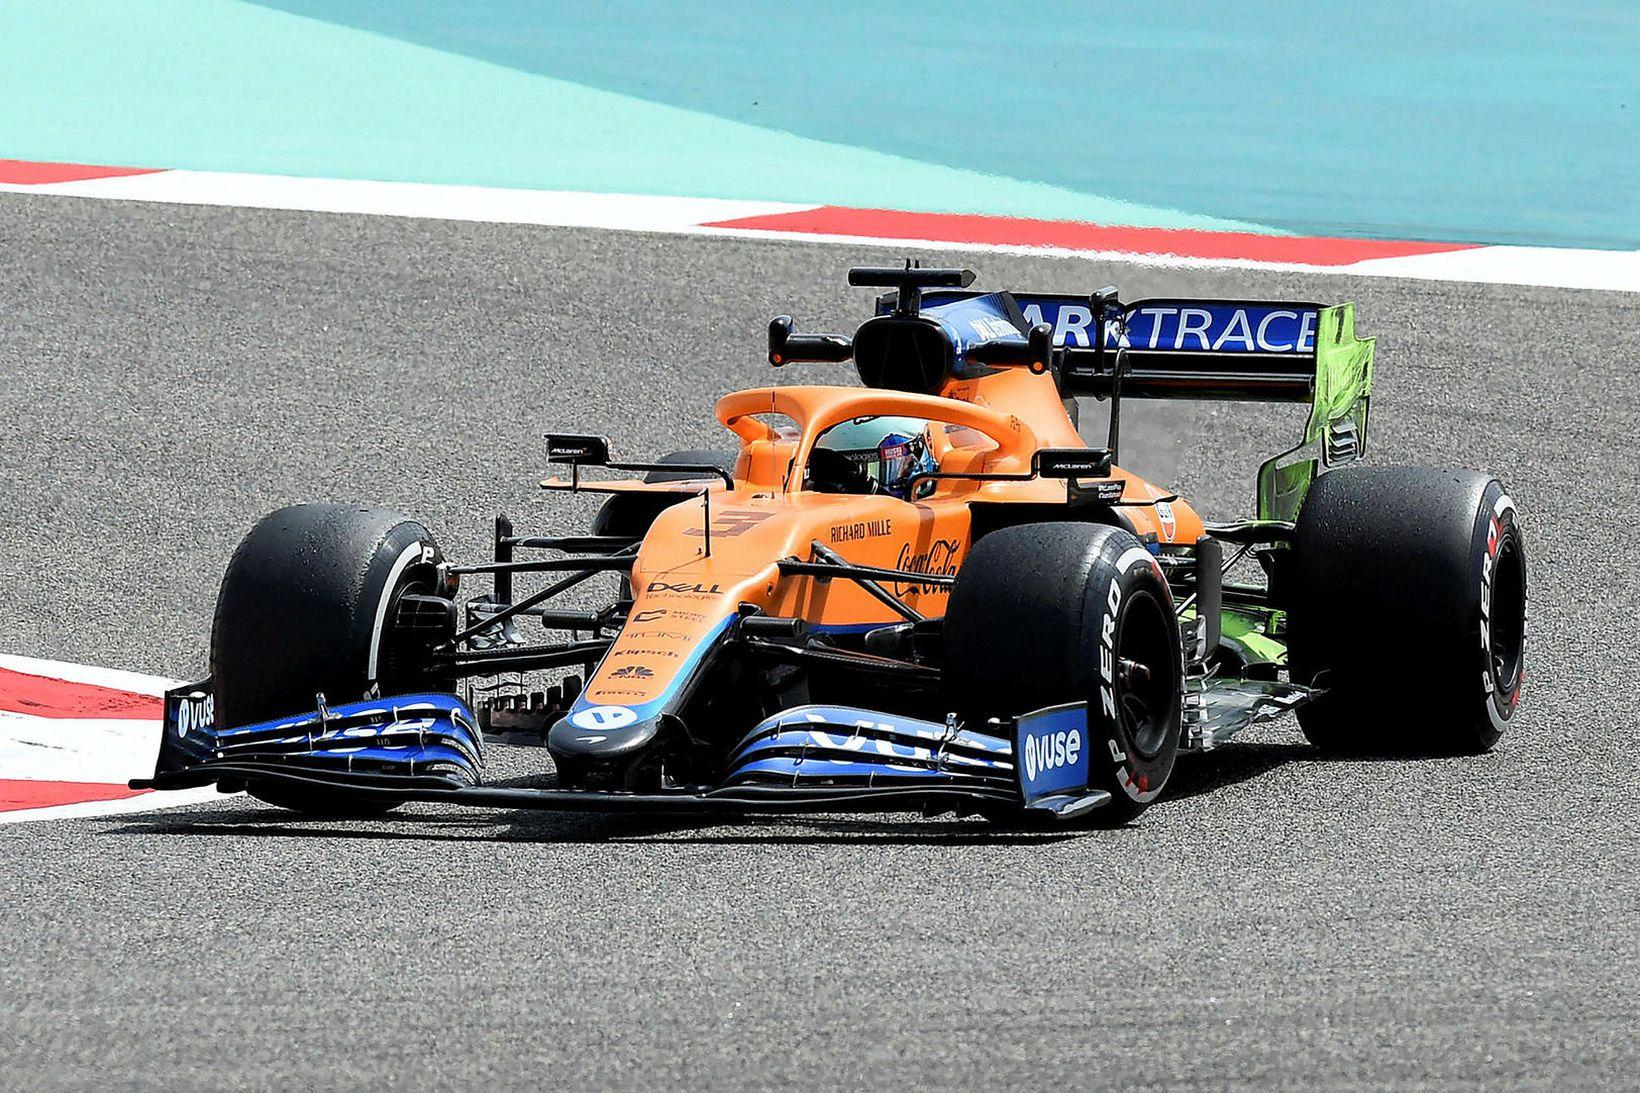 Daniel Ricciardo á McLarenbílnum á æfingu dagsins í Barein.